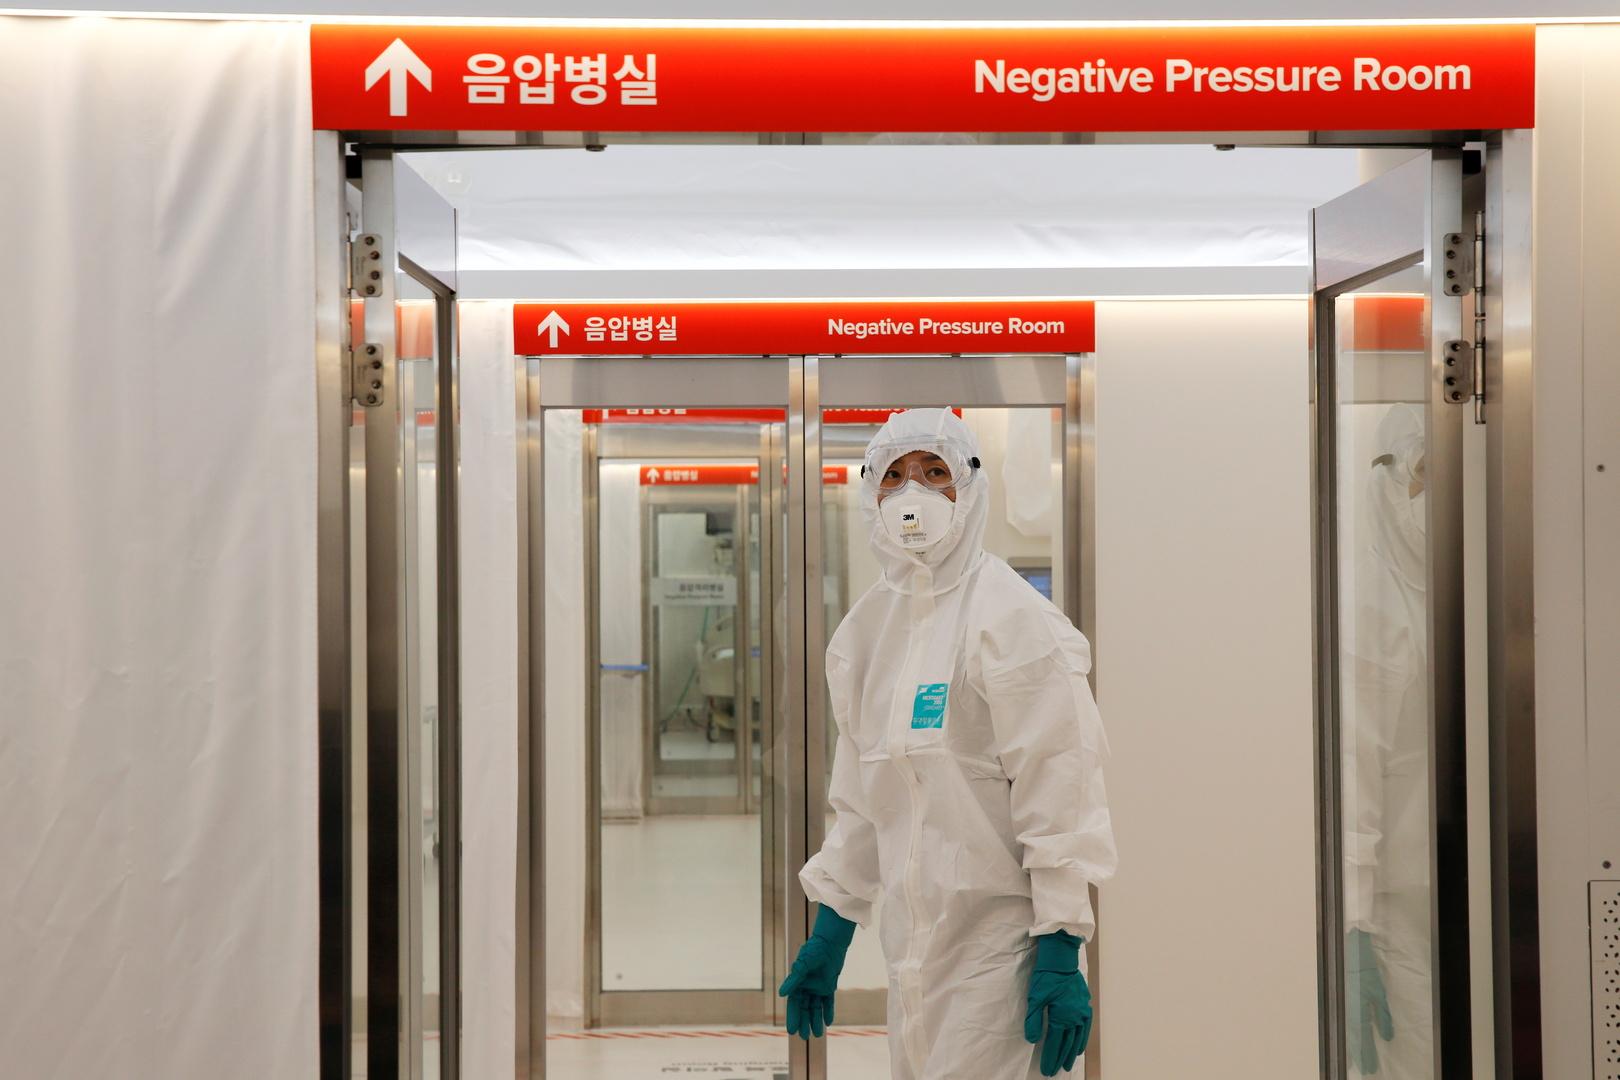 وسط تصاعد الفيروس على مستوى البلاد.. السلطات الكورية الجنوبية تعلن حالة التأهب القصوى